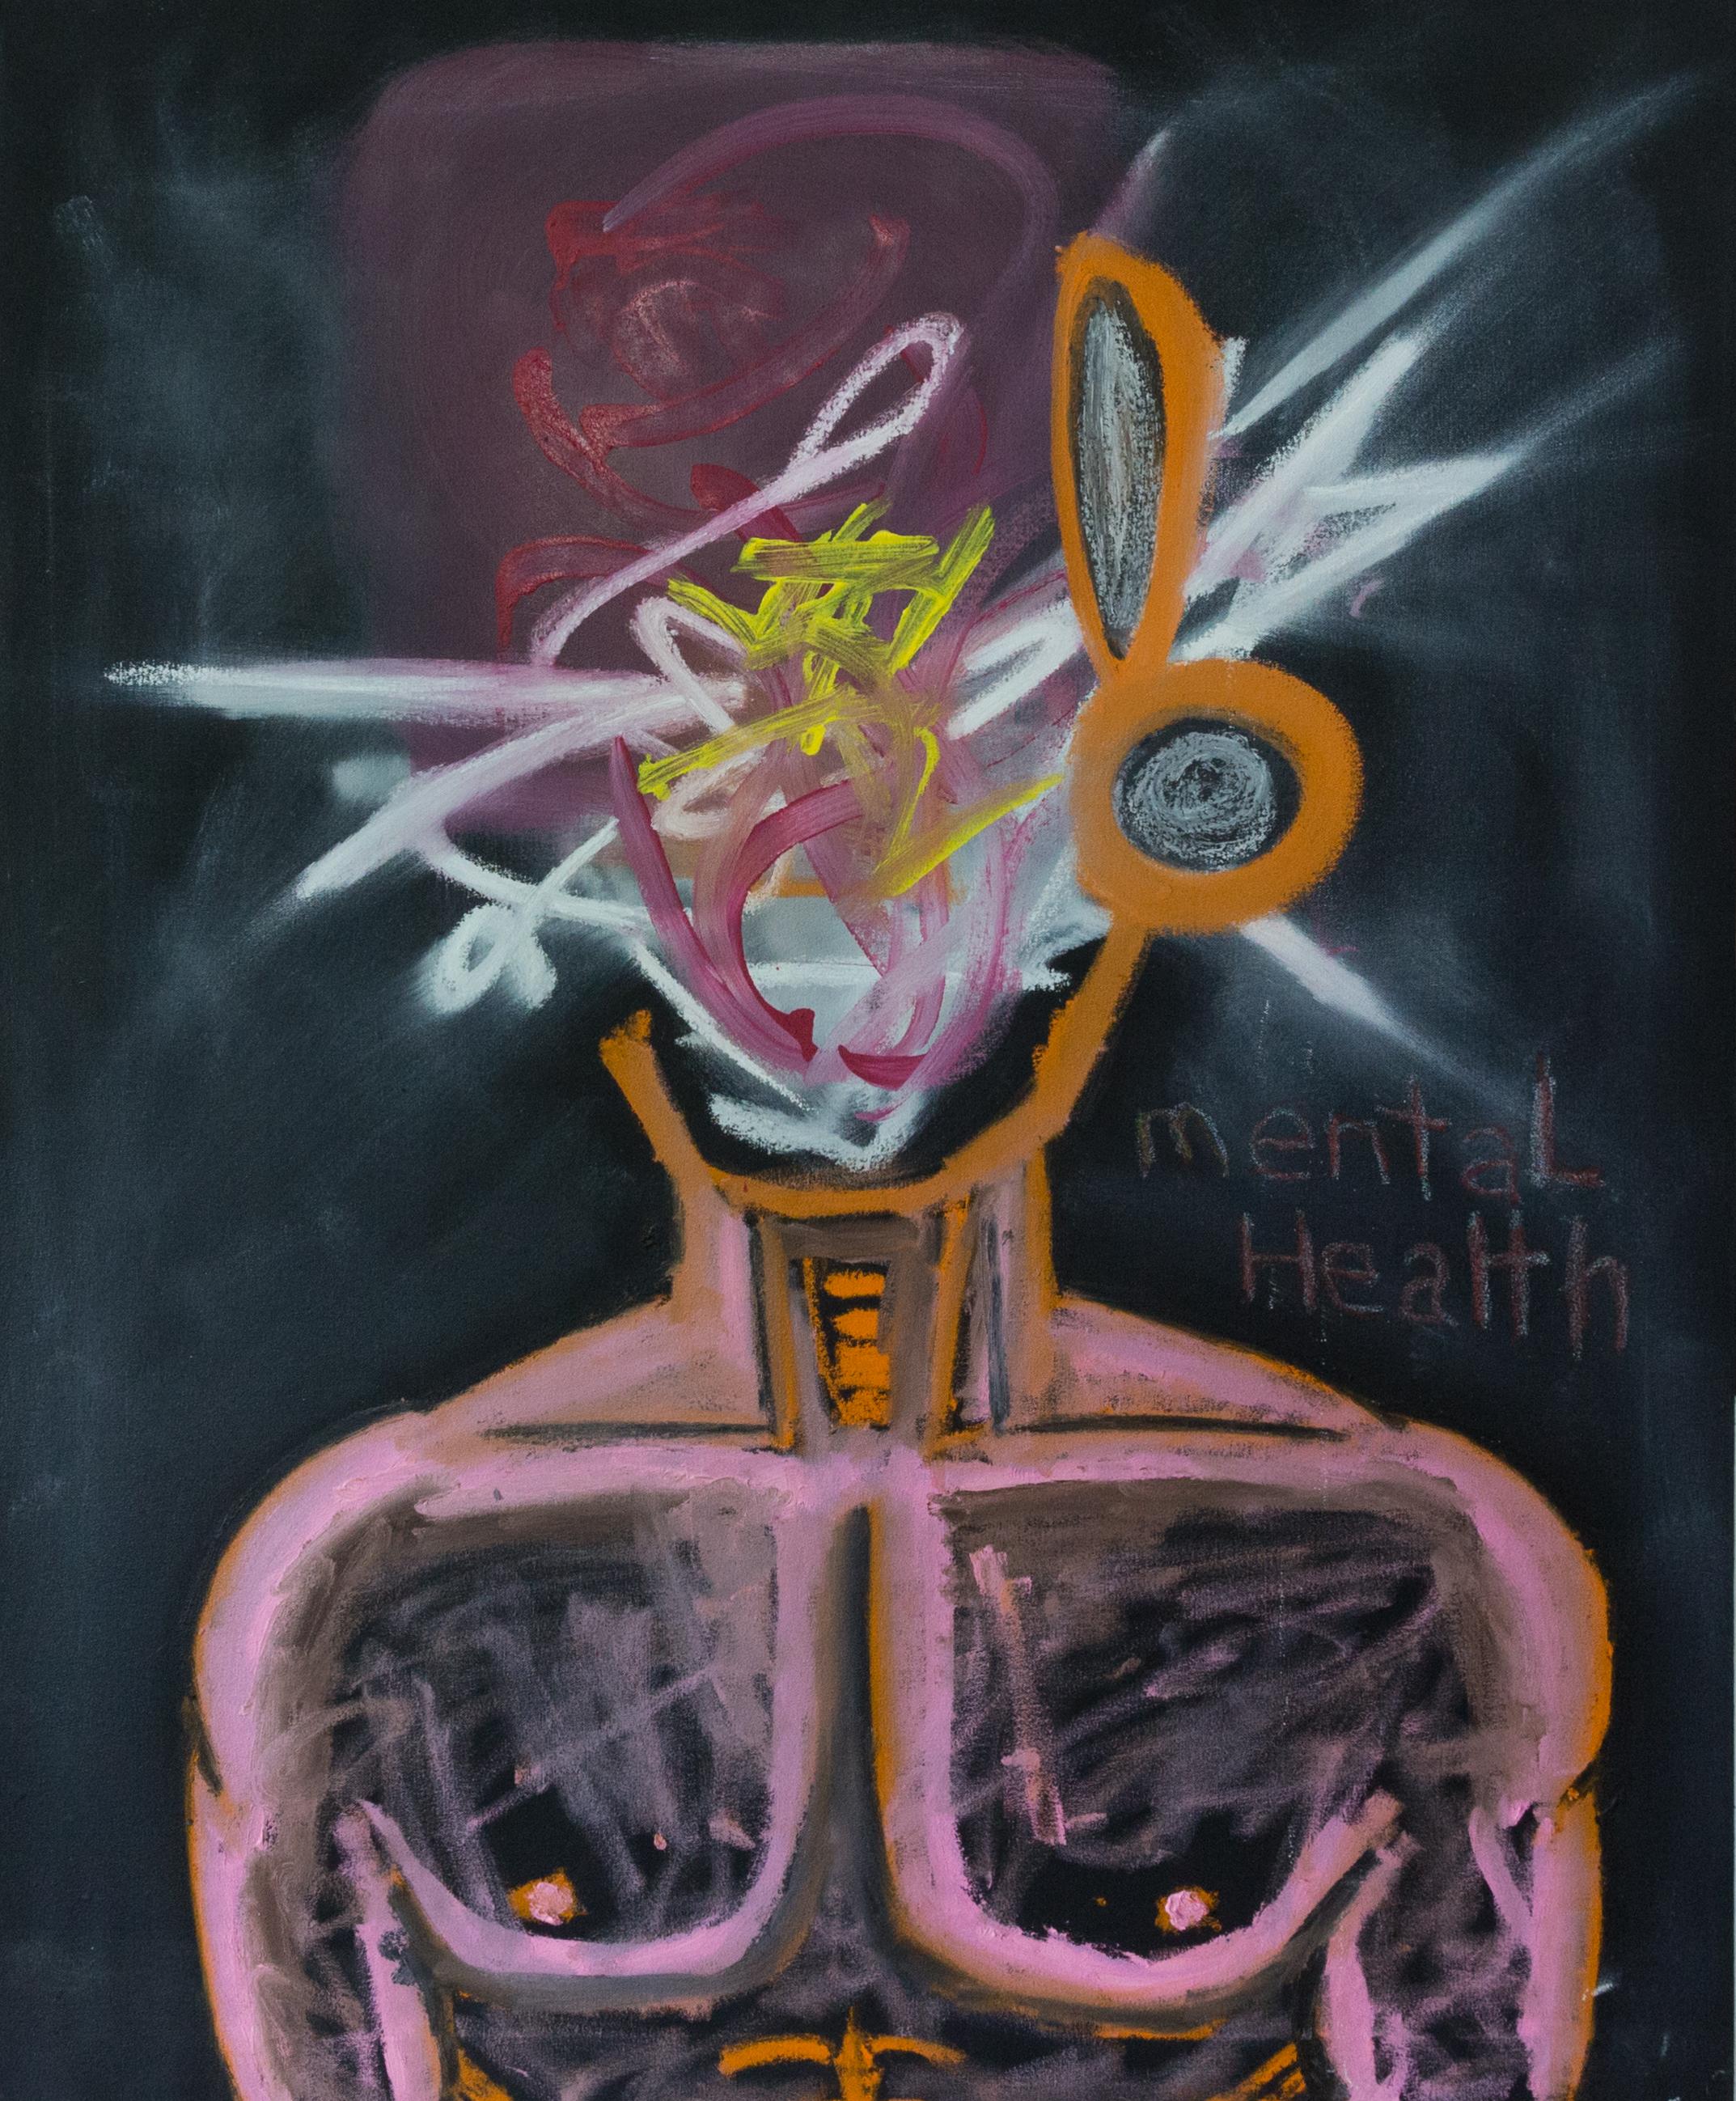 MENTAL HEALTH- I DO, OIL ON CANVAS, 32x48 .jpg